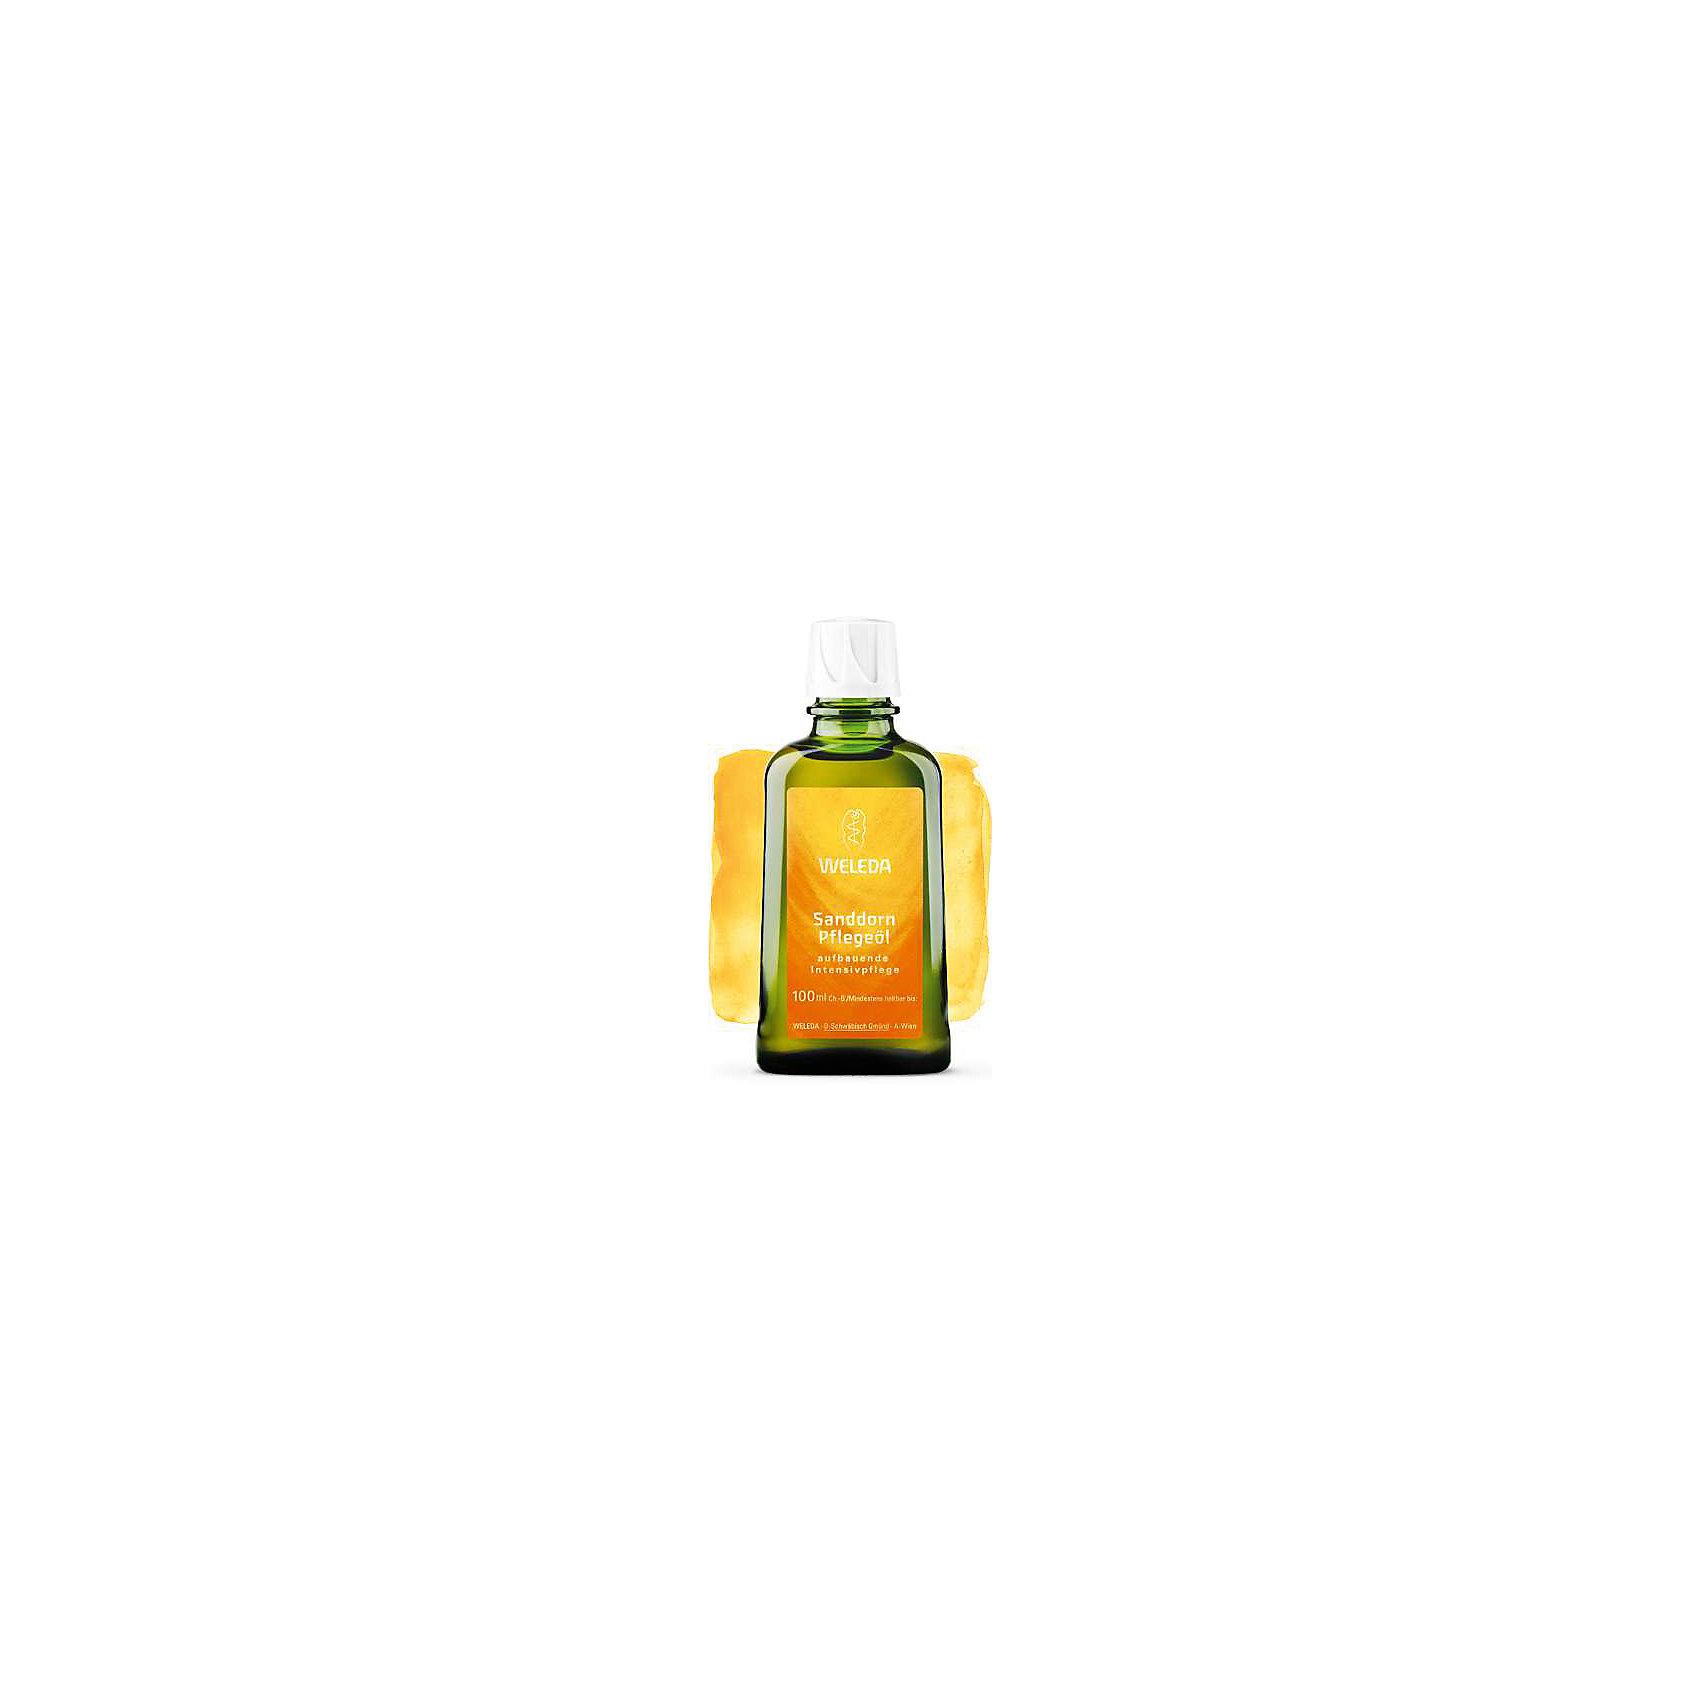 Масло питательное облепиховое 100мл, WeledaМасло, лосьон<br>Масло питательное облепиховое 100мл, Weleda<br><br>Характеристики:<br><br>• объём: 100 мл.<br>• особенности: питает и увлажняет кожу, восстанавливает после загара<br>• состав: облепиховое масло, масло из семян кунжута, ароматическая композиция из натуральных эфирных масел.<br>• для детей и родителей<br>• страна производитель: Германия<br><br>Более 75 лет швейцарская компания натуральной косметики Weleda (Веледа) заботится о малышах, будущих мамах и природе. Масло с облепихой просто необходимо в жаркое солнечное время года и на отдыхе. <br><br>Специальные компоненты и натуральные масла помогают коже восстановиться после загара, также масло можно использовать при ожогах. В состав входят витамины А и Е, масло отлично питает кожу, смягчая ее и придавая упругость. Масло обладает свойствами защиты от ультрафиолетовых лучей и идеально подходит для нанесения на кожу перед использованием солярия. <br><br>Природные компоненты состава масла не провоцируют аллергию, его формула проверена дерматологами и не провоцирует раздражения. Специальный флакон из непрозрачного стекла сохраняет свойства масла, а углубления на флаконе предотвращают выскальзывание из рук. Флакон оснащен практичным дозатором. Ощутите бережную заботу с маслом от Weleda (Веледа)!<br><br>Масло питательное облепиховое 100мл, Weleda можно купить в нашем интернет-магазине.<br><br>Ширина мм: 250<br>Глубина мм: 100<br>Высота мм: 250<br>Вес г: 100<br>Возраст от месяцев: 216<br>Возраст до месяцев: 1188<br>Пол: Унисекс<br>Возраст: Детский<br>SKU: 5414513